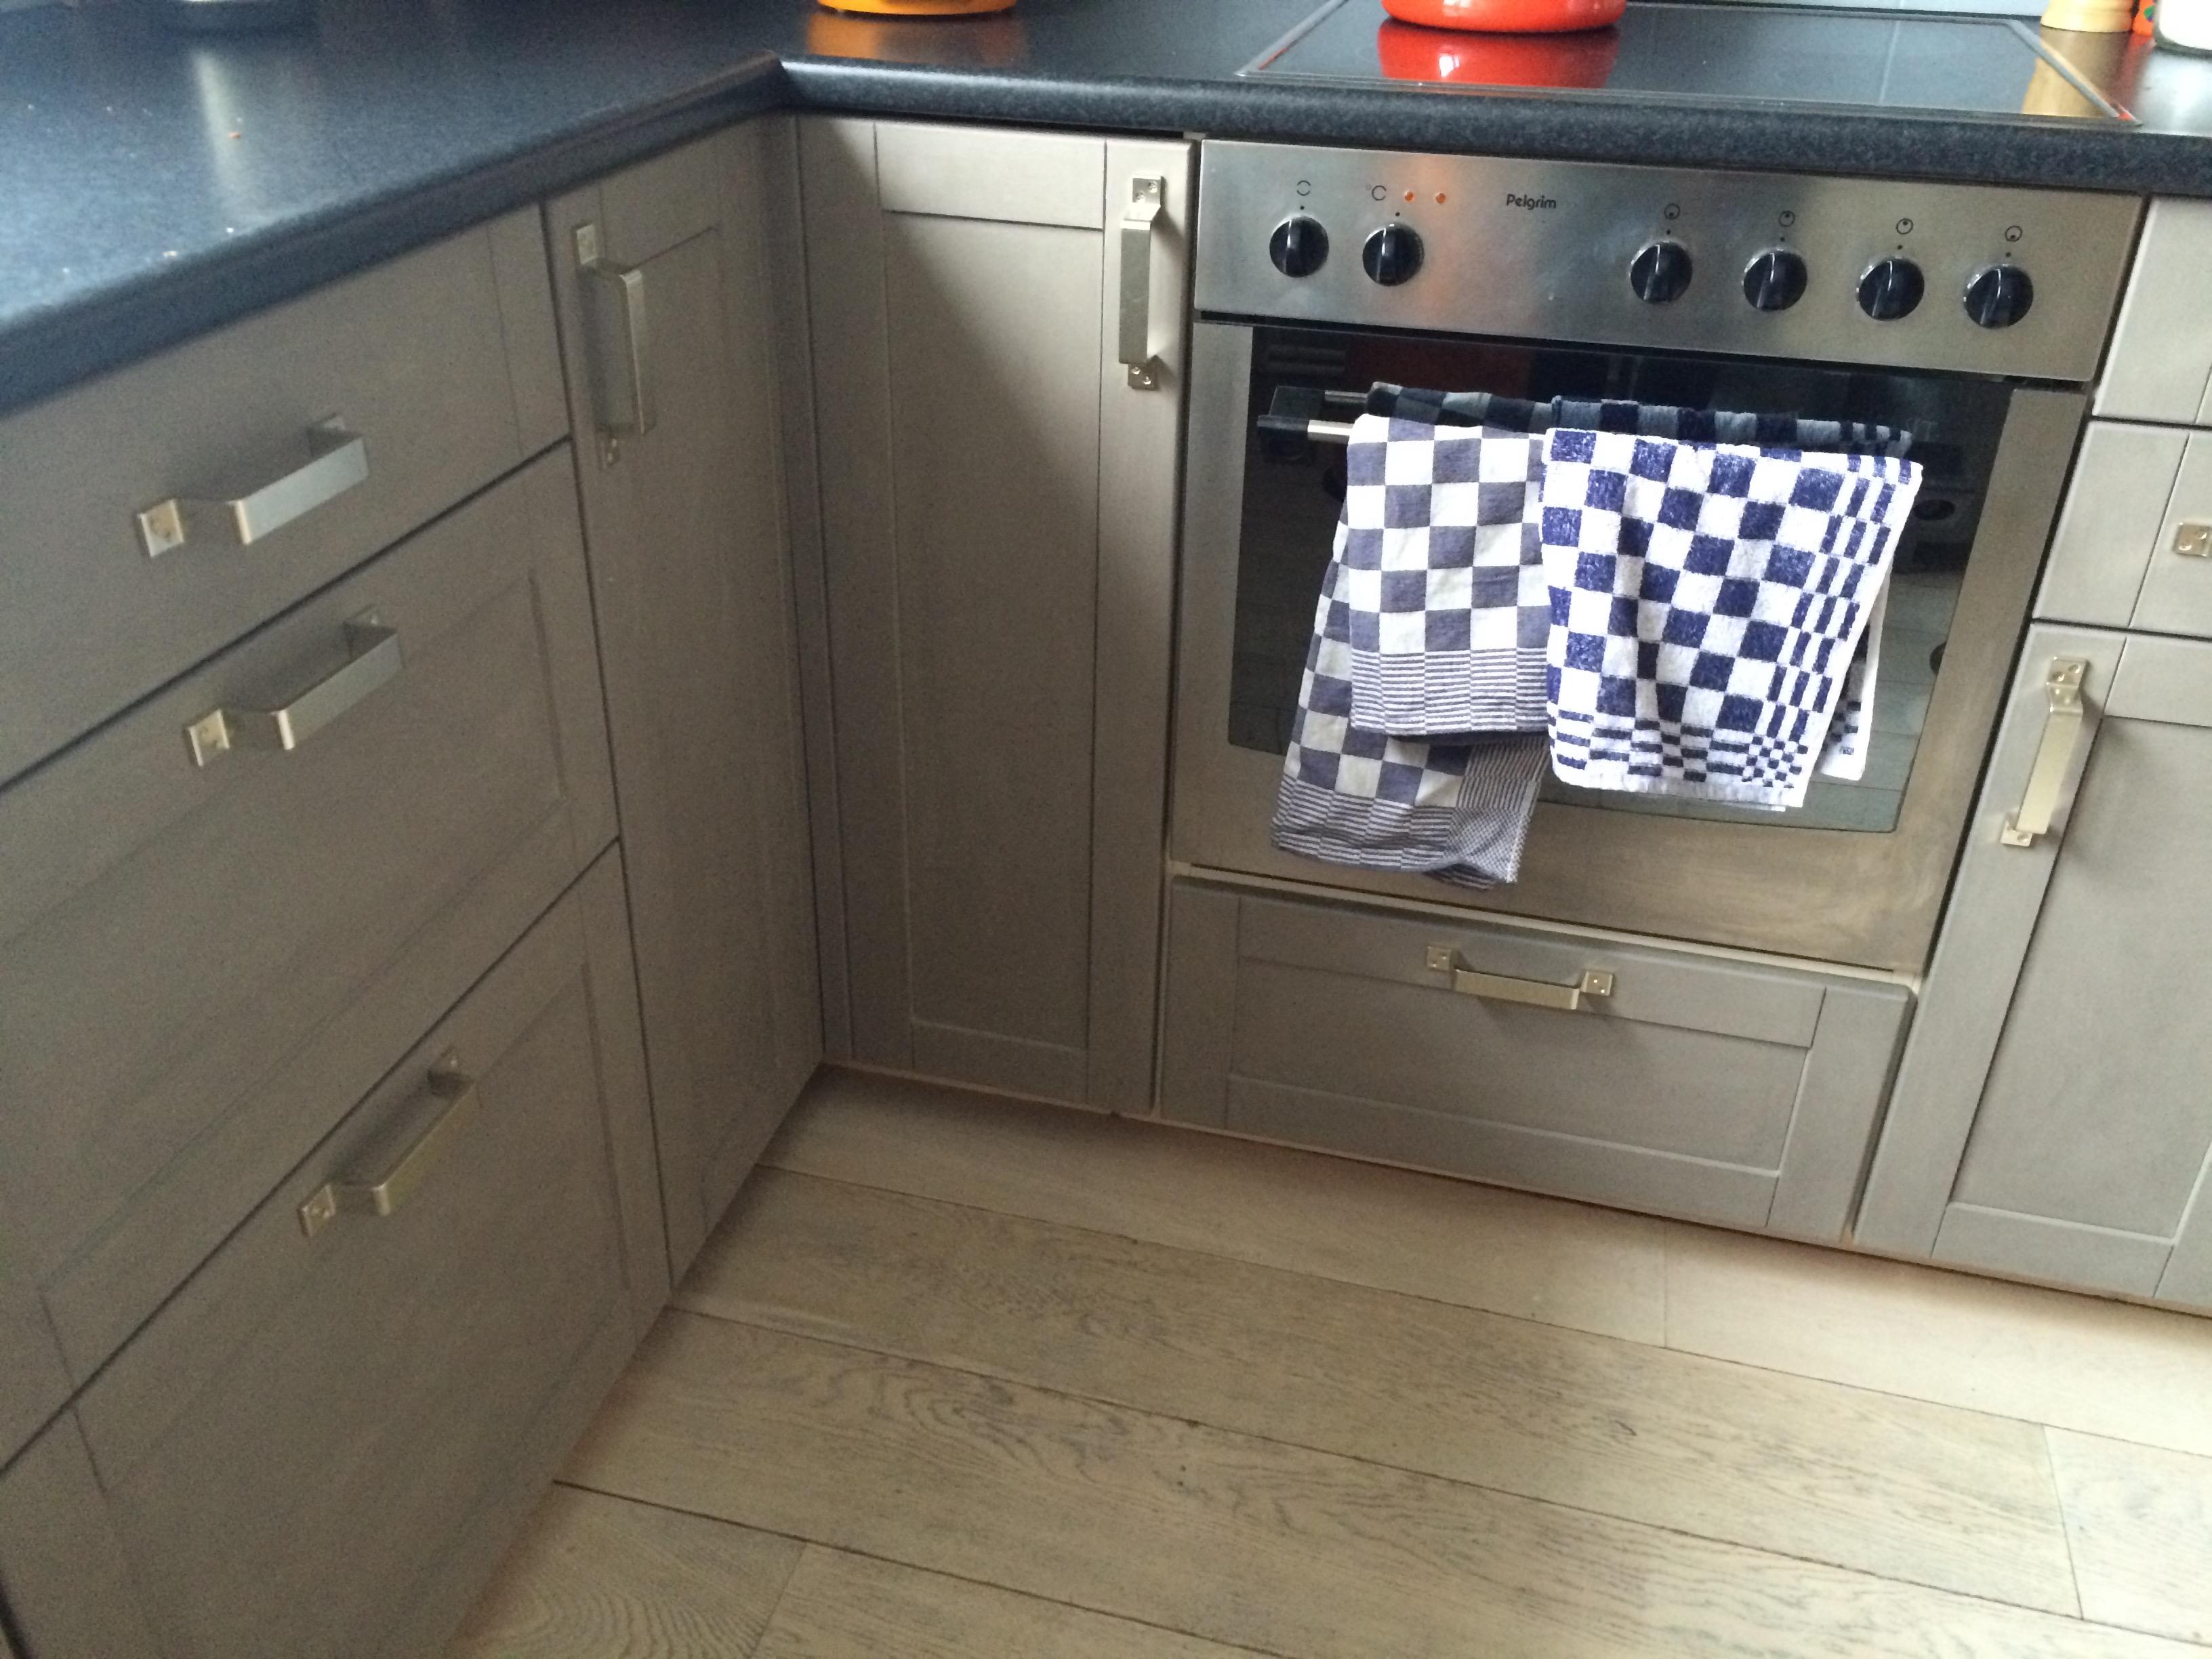 Handgrepen Keuken Industrieel : Low budget (sort off) keuken renovatie ~deel 1 (kastjes schilderen